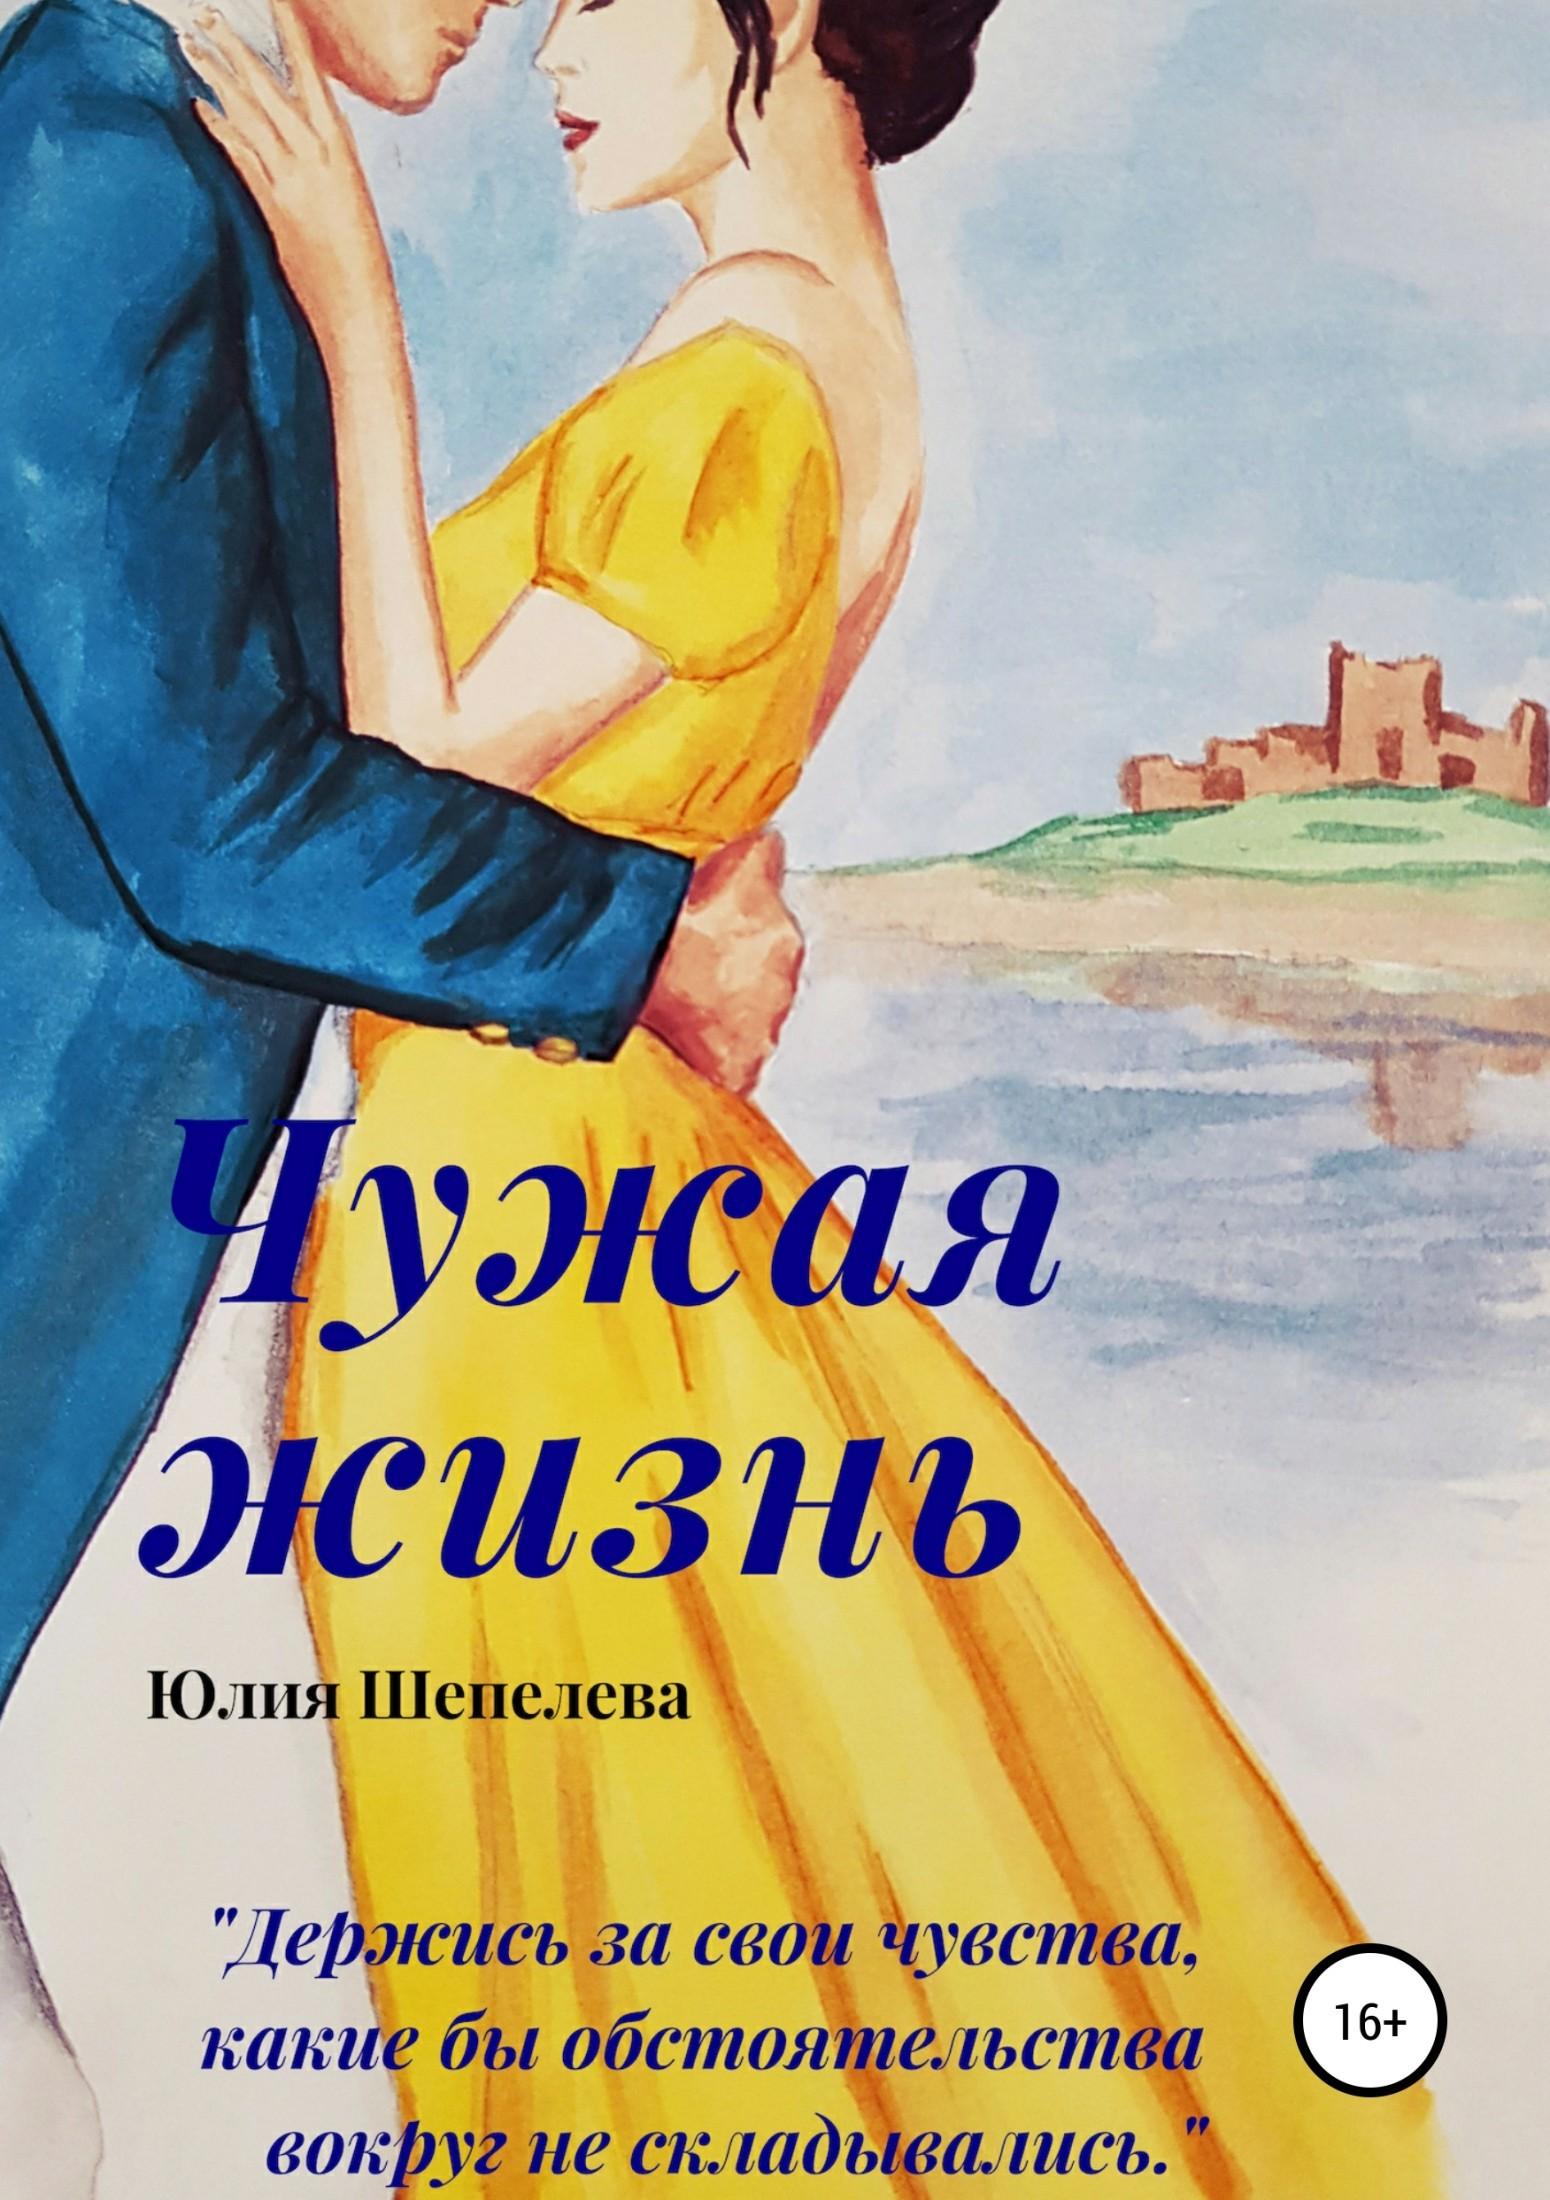 Юлия Шепелева - Чужая жизнь